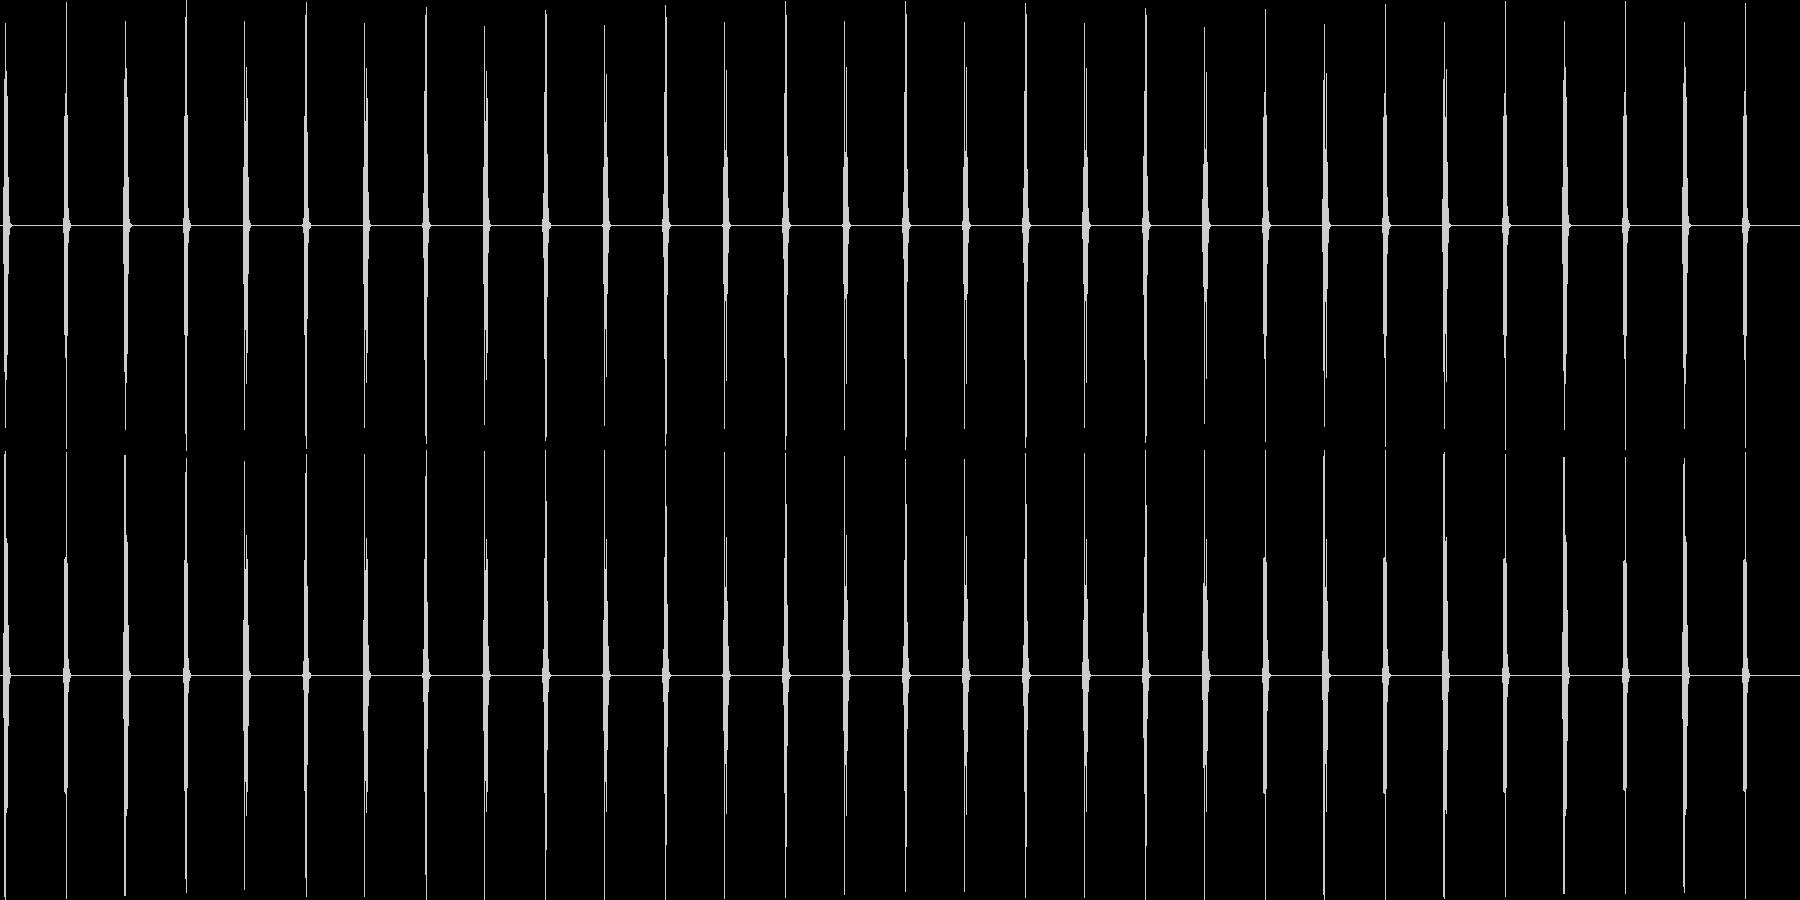 大きな壁時計:重いカチカチ音をたて...の未再生の波形